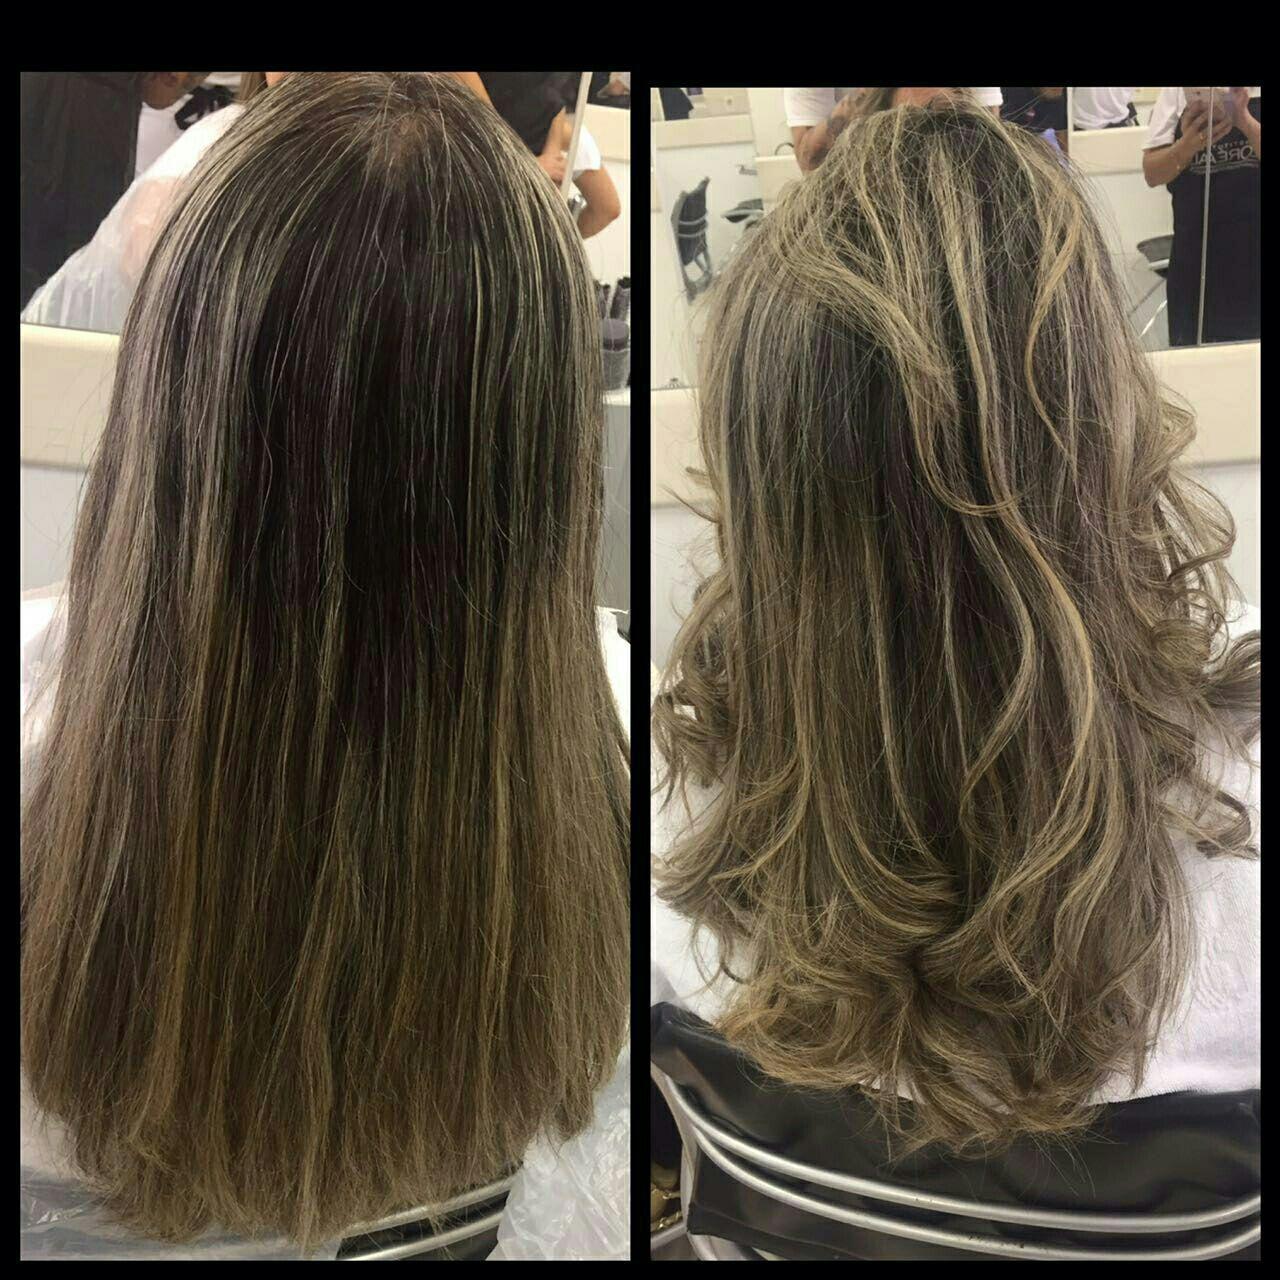 Tratamento, escova e finalização em cachos, com prancha cabelo estudante (cabeleireiro) estudante (cabeleireiro) estudante (cabeleireiro) estudante (cabeleireiro) estudante (cabeleireiro) estudante (cabeleireiro) estudante (cabeleireiro) estudante (cabeleireiro) estudante (cabeleireiro) estudante (cabeleireiro)